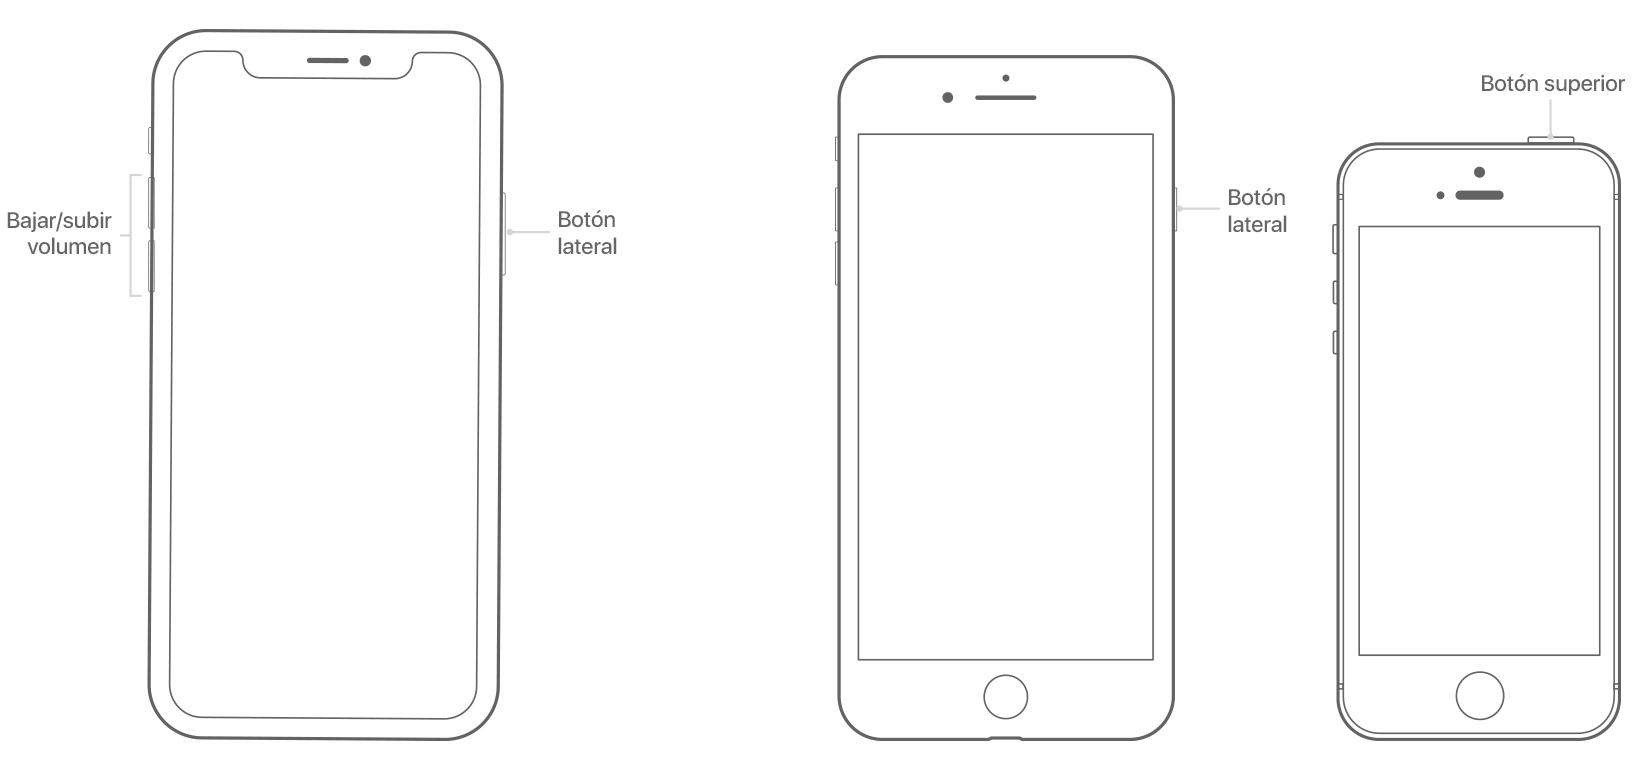 Reiniciar tu iPhone, iPad o iPod touch - Soporte técnico de Apple